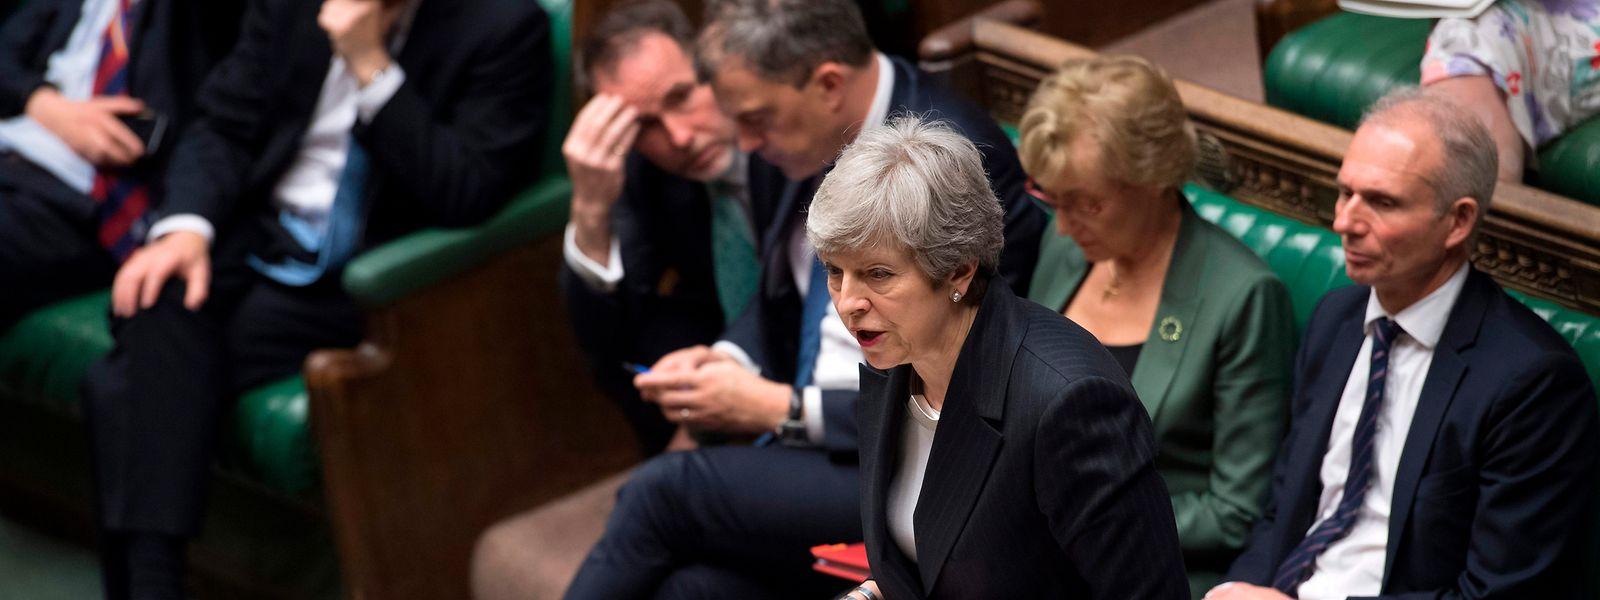 Theresa May am Mittwoch bei ihrer Rede vor dem Parlament.